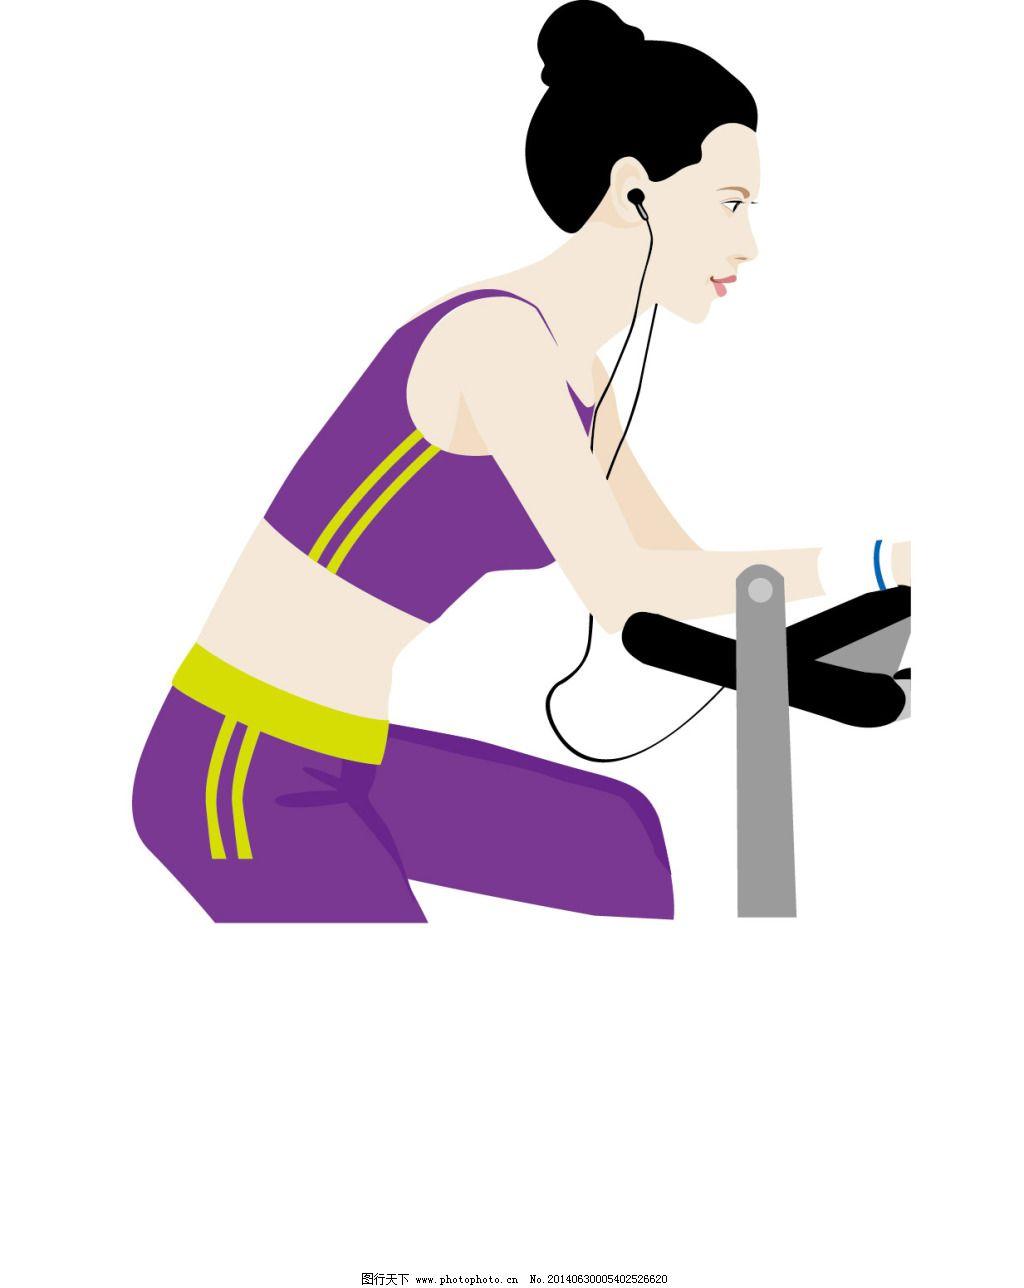 卡通 美女 跑步机 人物 音乐 运动 跑步机 美女 音乐 矢量 卡通 人物